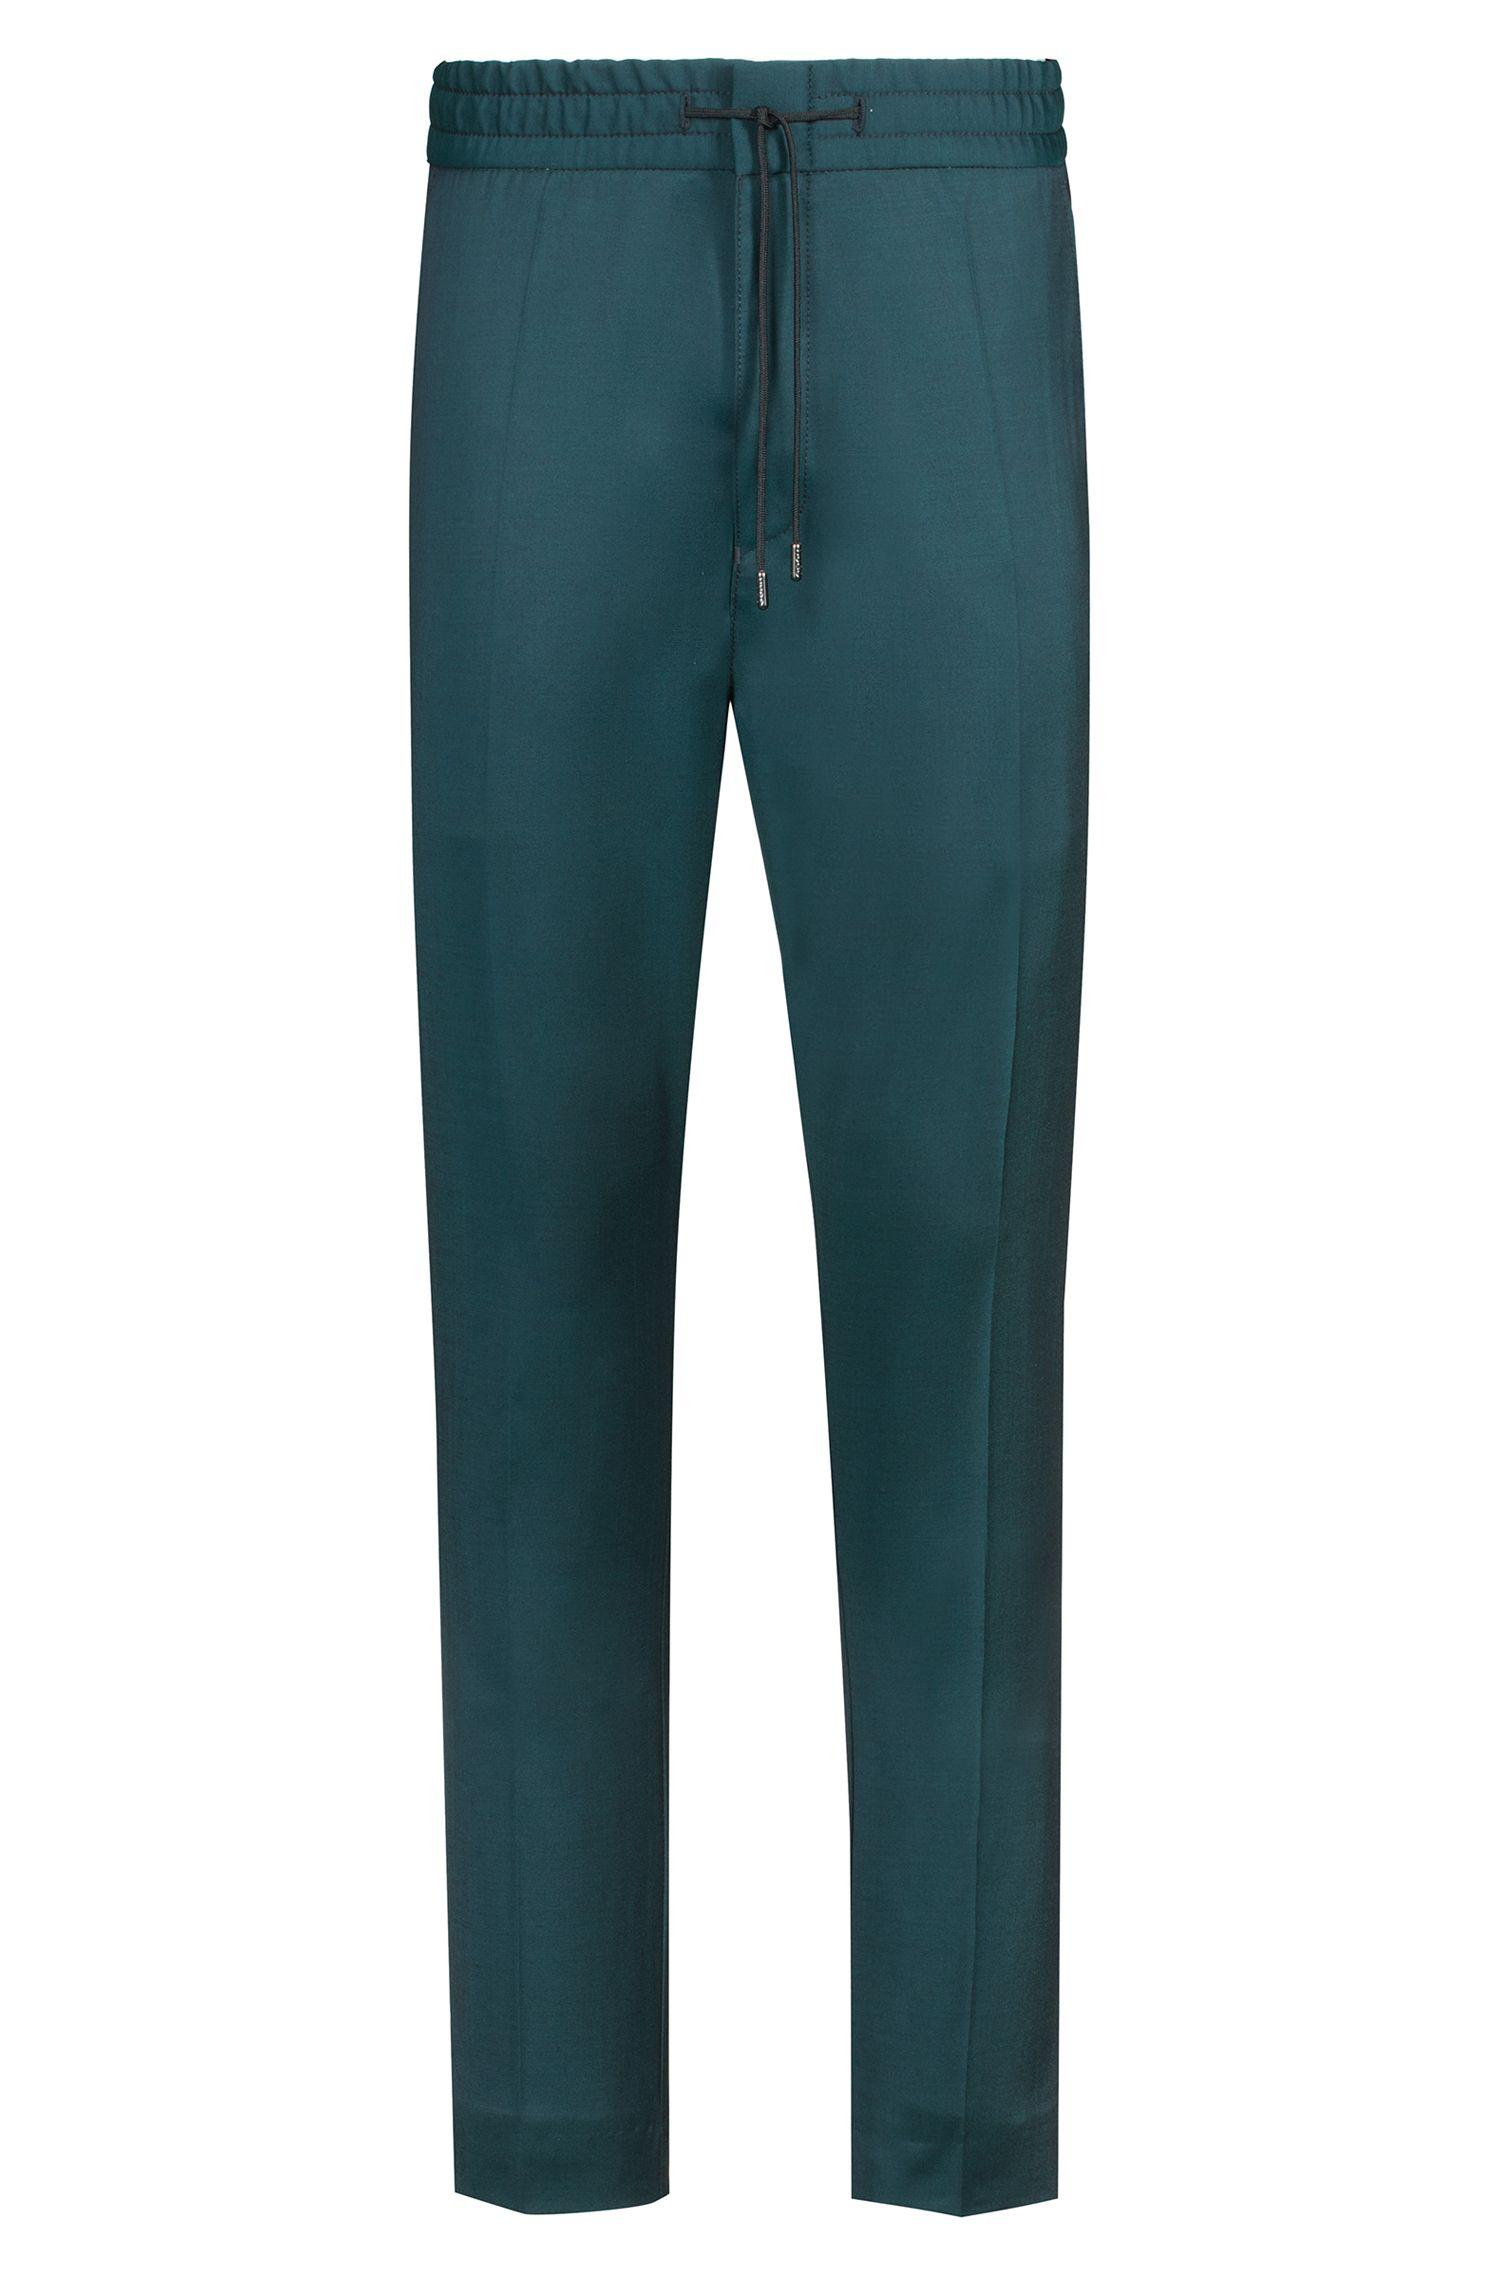 Tapered-Fit Hose aus natürlich elastischer Schurwolle, Dunkelgrün